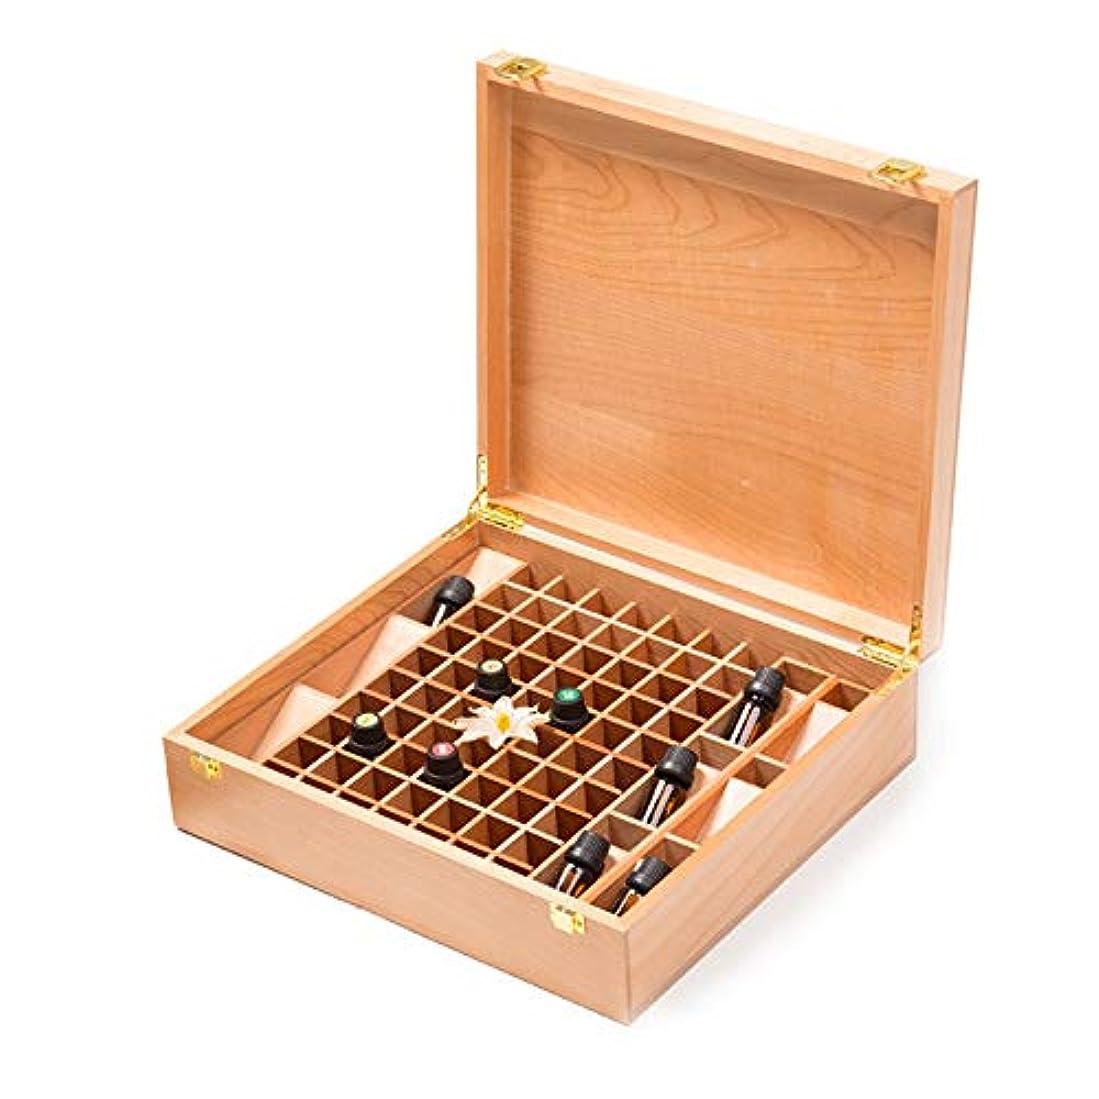 メガロポリスいちゃつくモトリーエッセンシャルオイルストレージボックス 手作りの木製エッセンシャルオイルストレージボックスパーフェクトエッセンシャルオイルのケースは、70本の油のボトルを保持します 旅行およびプレゼンテーション用 (色 : Natural...